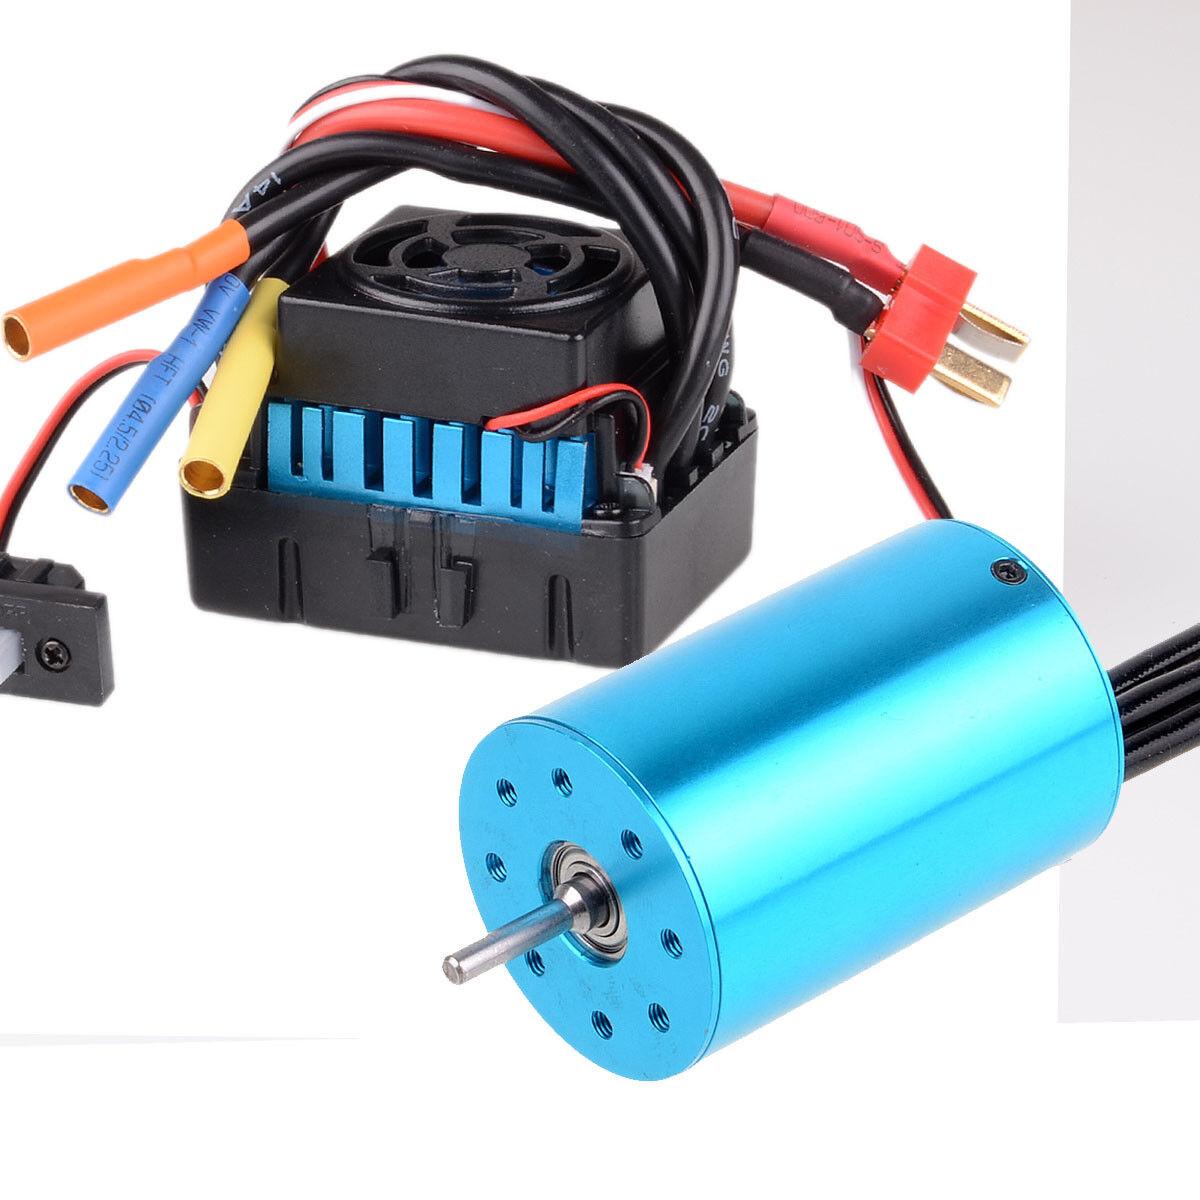 Impermeable Brushless ESC y RS540 motor motor motor sin escobillas 3300 kV 107051 60 A 03307+03302  hasta un 65% de descuento